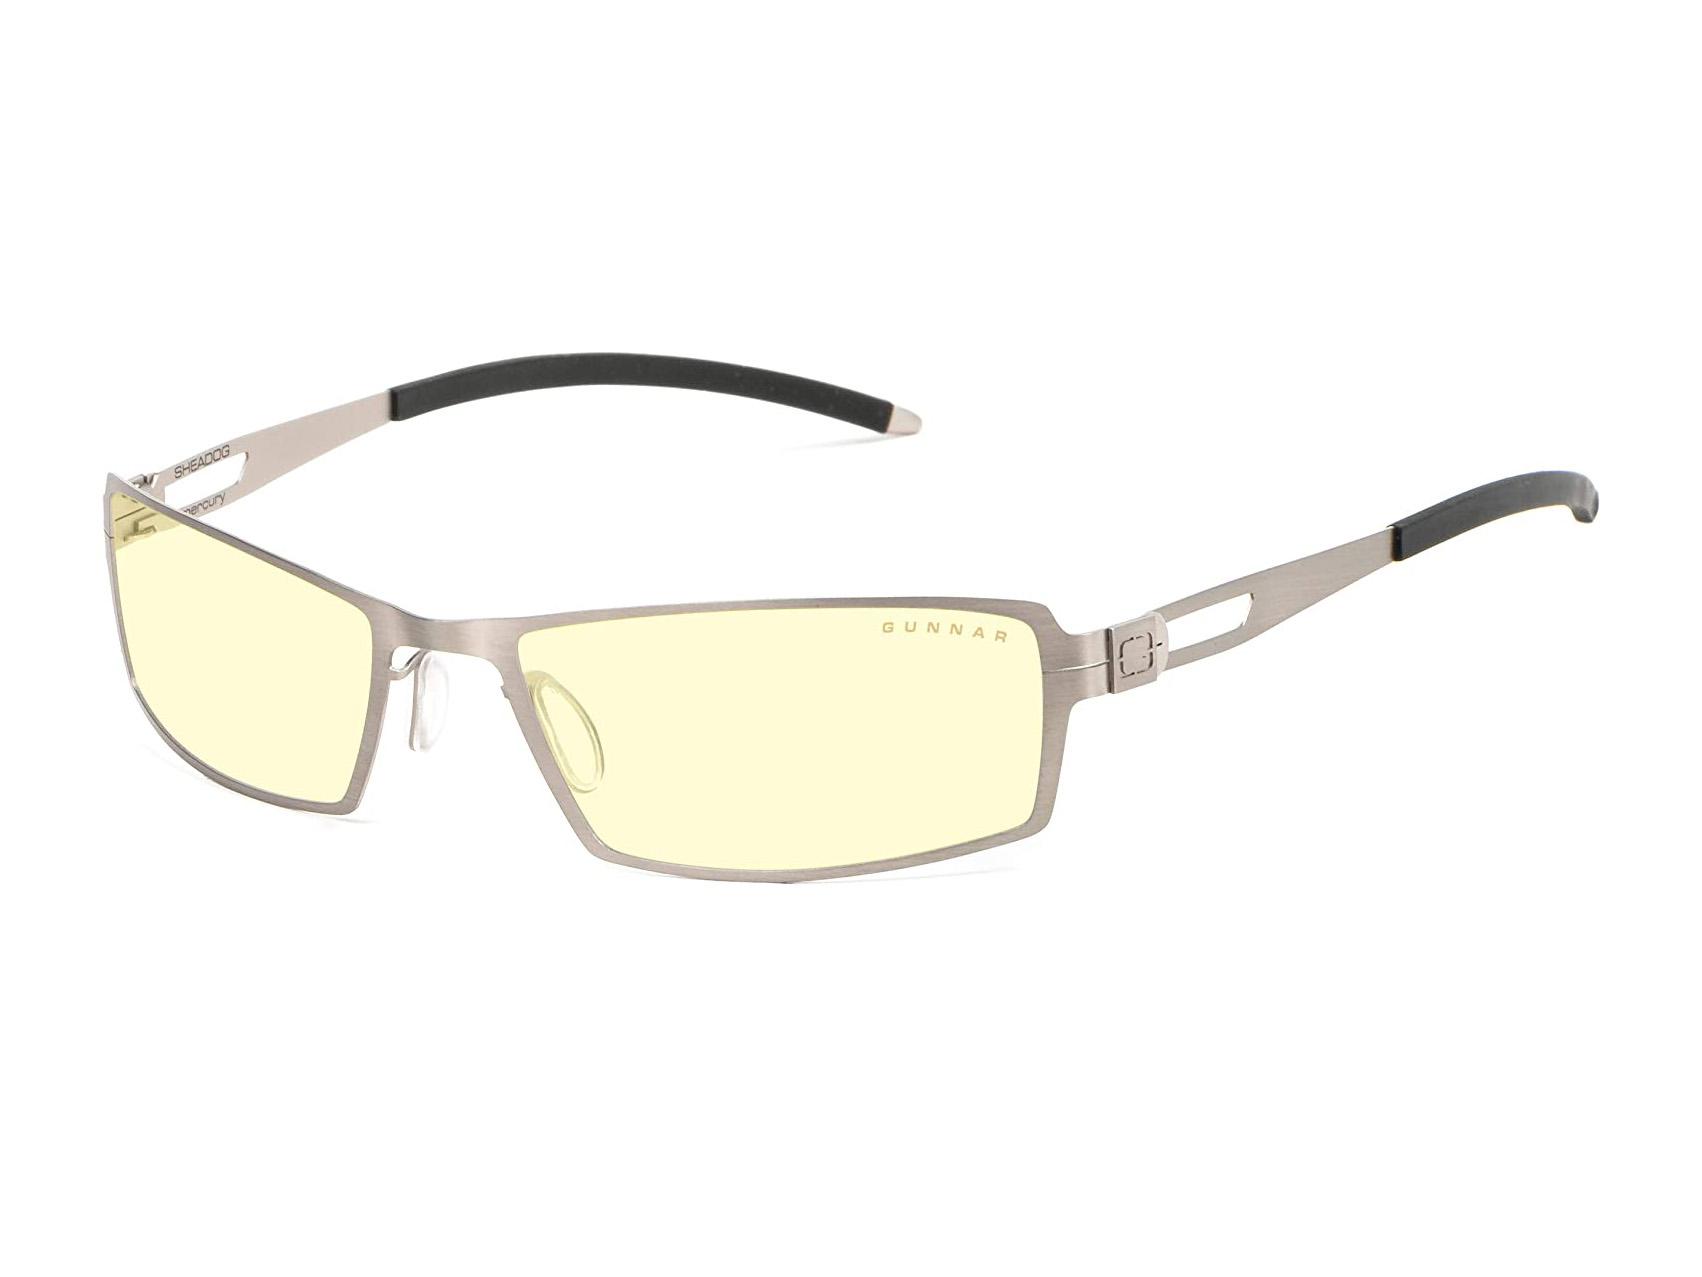 Best Blue Light Glasses - Gunnar Sheadog Glasses